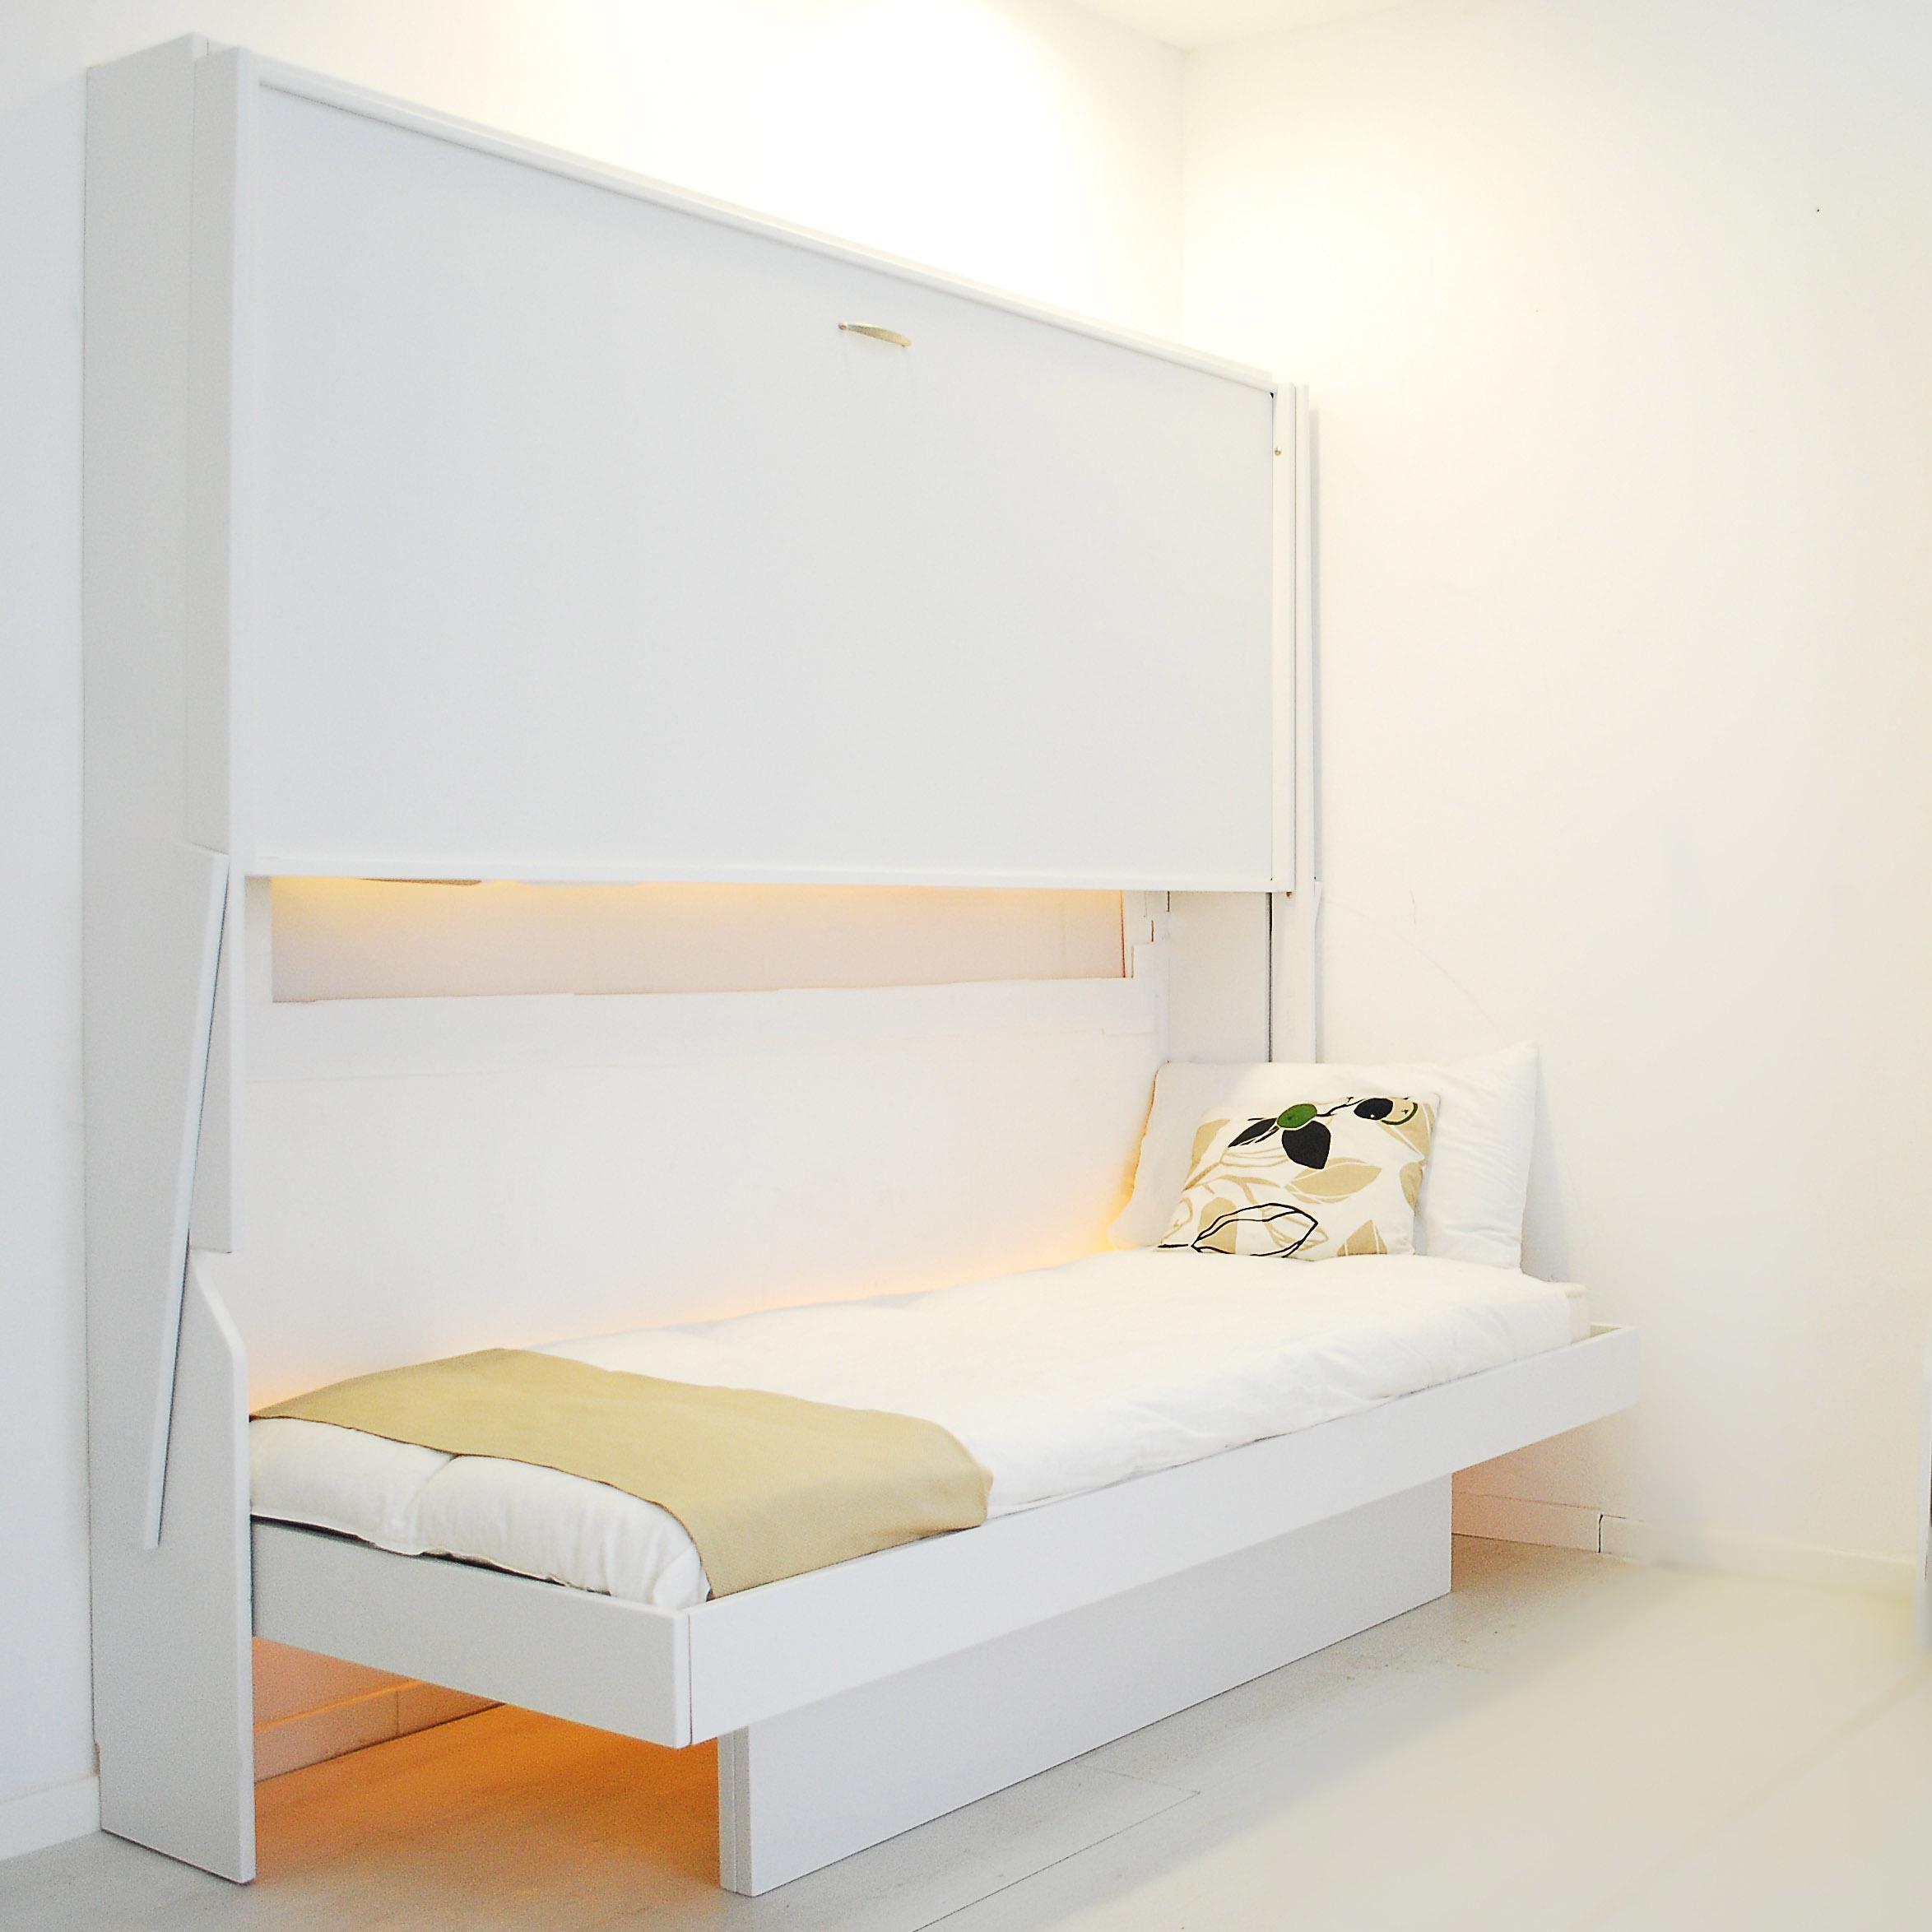 Letto a scomparsa a castello consolle doppia bed vivilospazio mobili trasformabili - Letto castello scomparsa ...